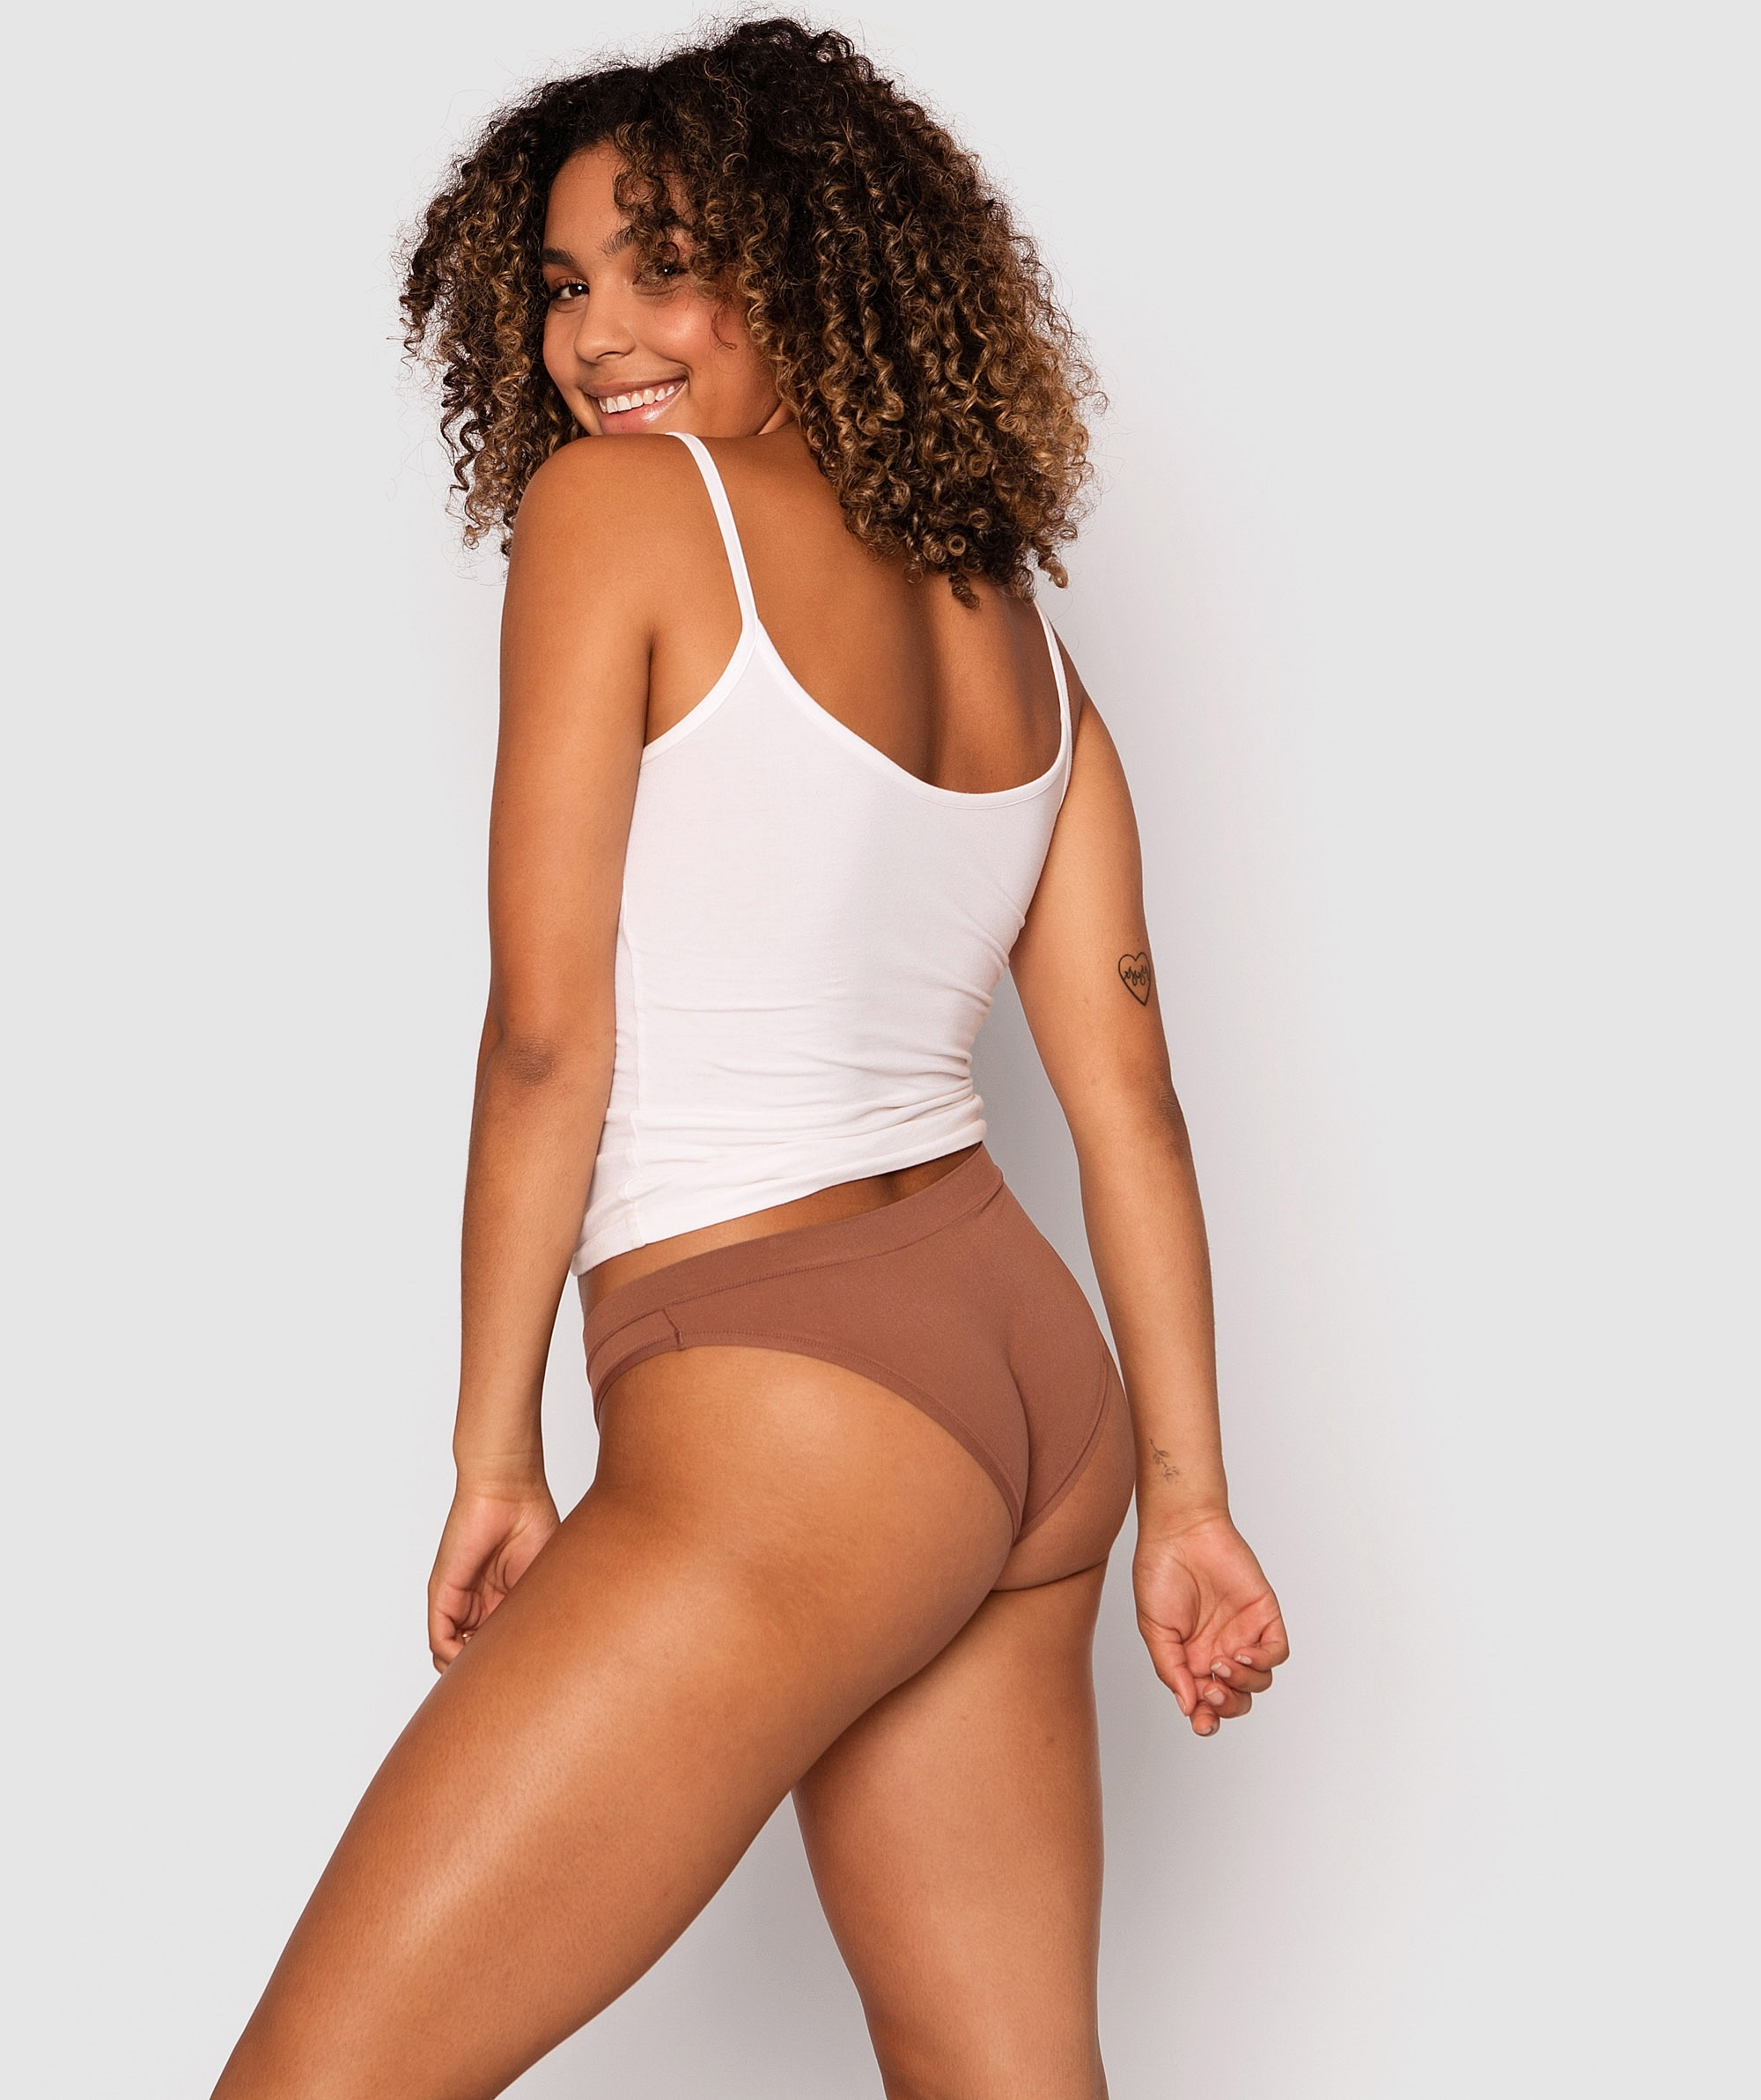 Body Bliss 2nd Gen Bikini Cut Knicker - Mocha